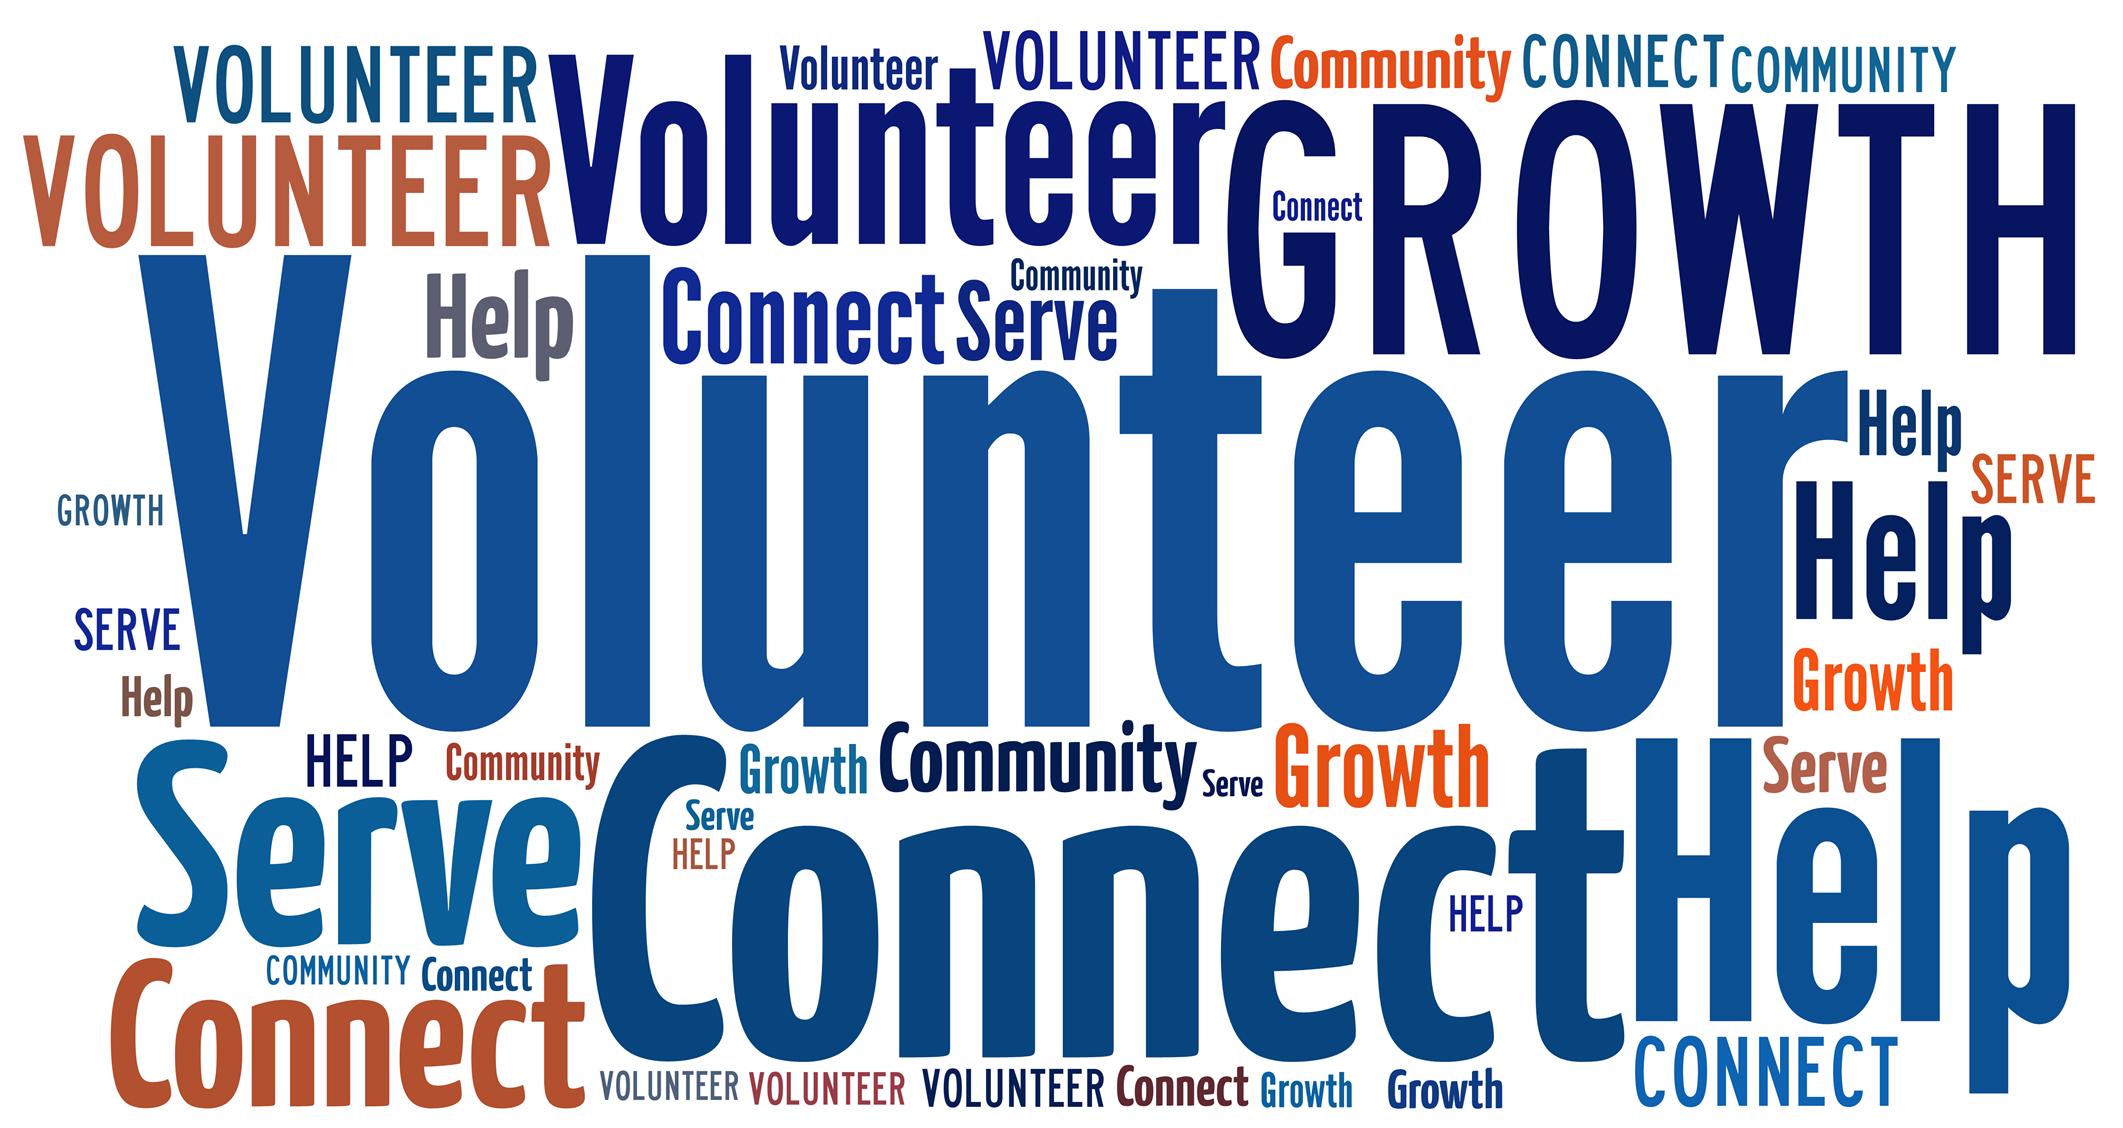 Volunteer opportunities in Raleigh